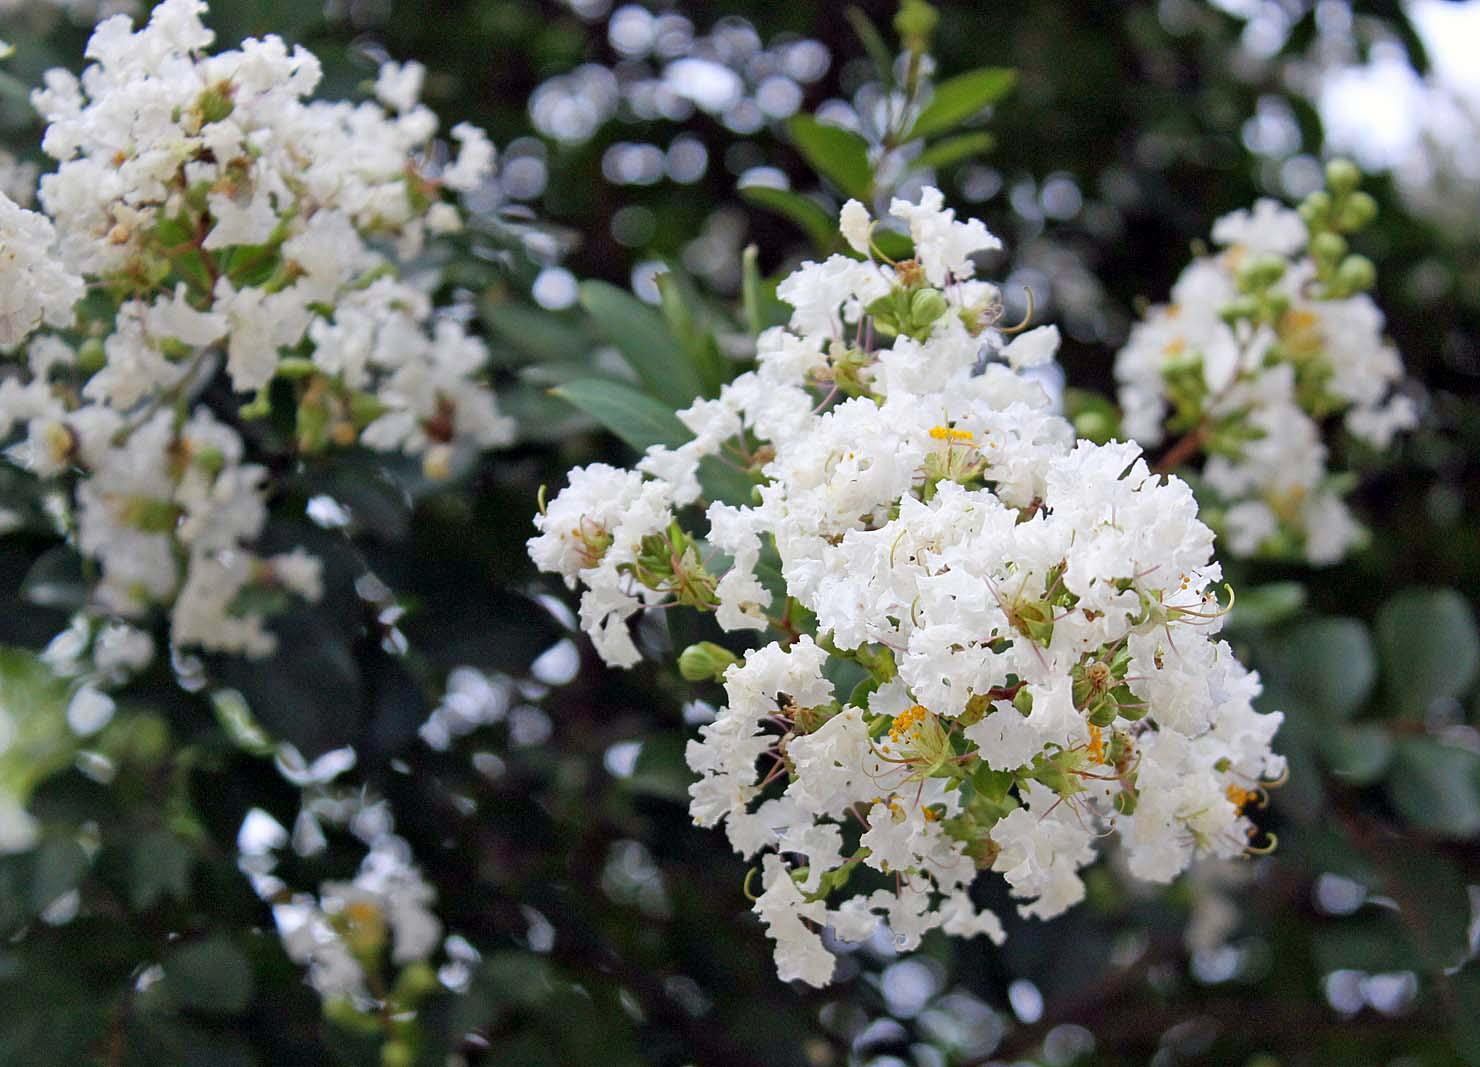 Loài hoa này sở hữu vẻ đẹp mong manh, thuần khiết